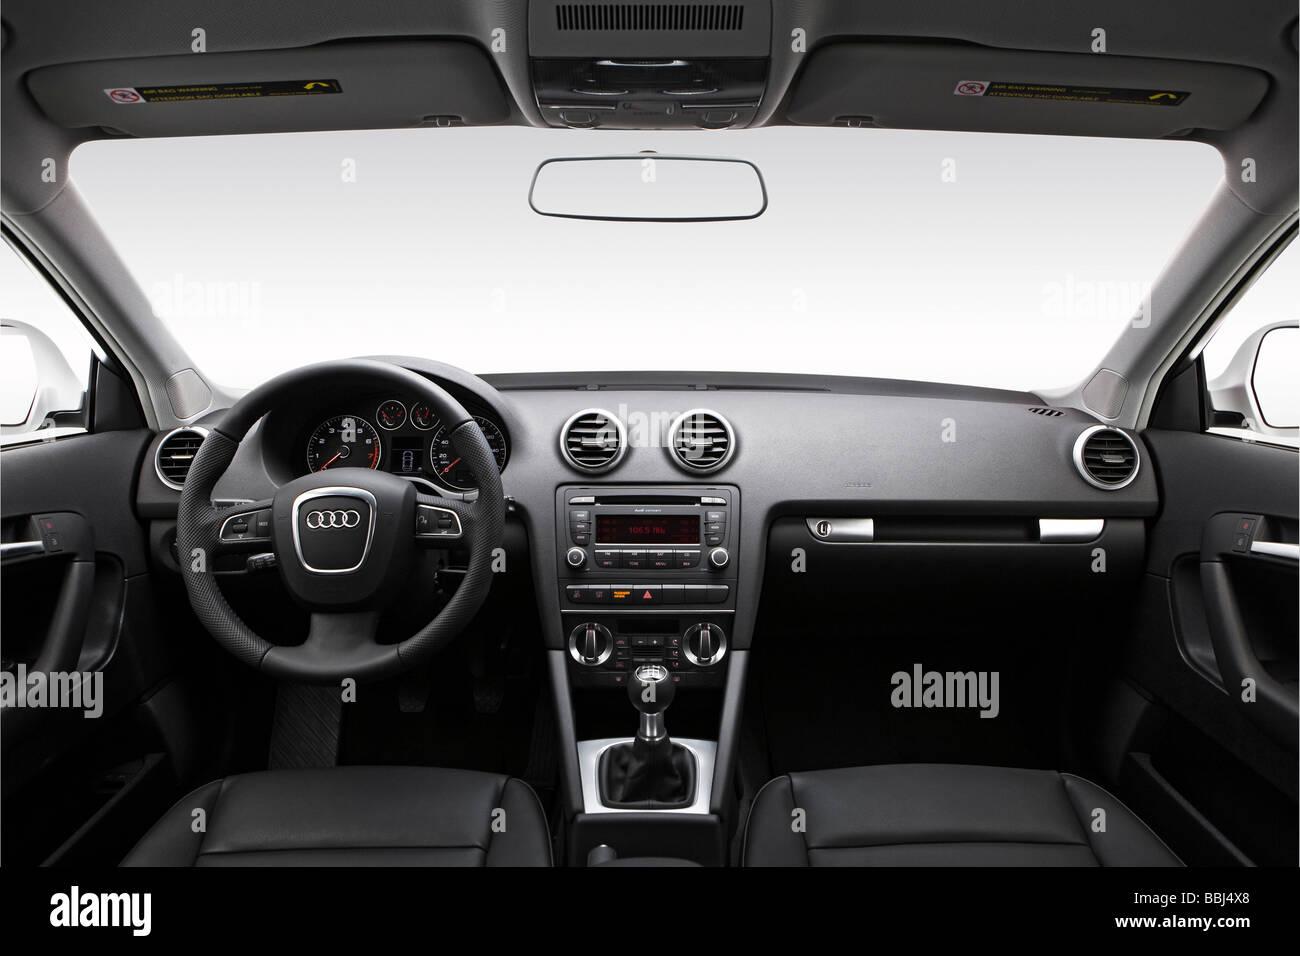 Armaturenbrett audi  2009 Audi A3 2.0 t in weiß - Armaturenbrett, Mittelkonsole, Getriebe ...